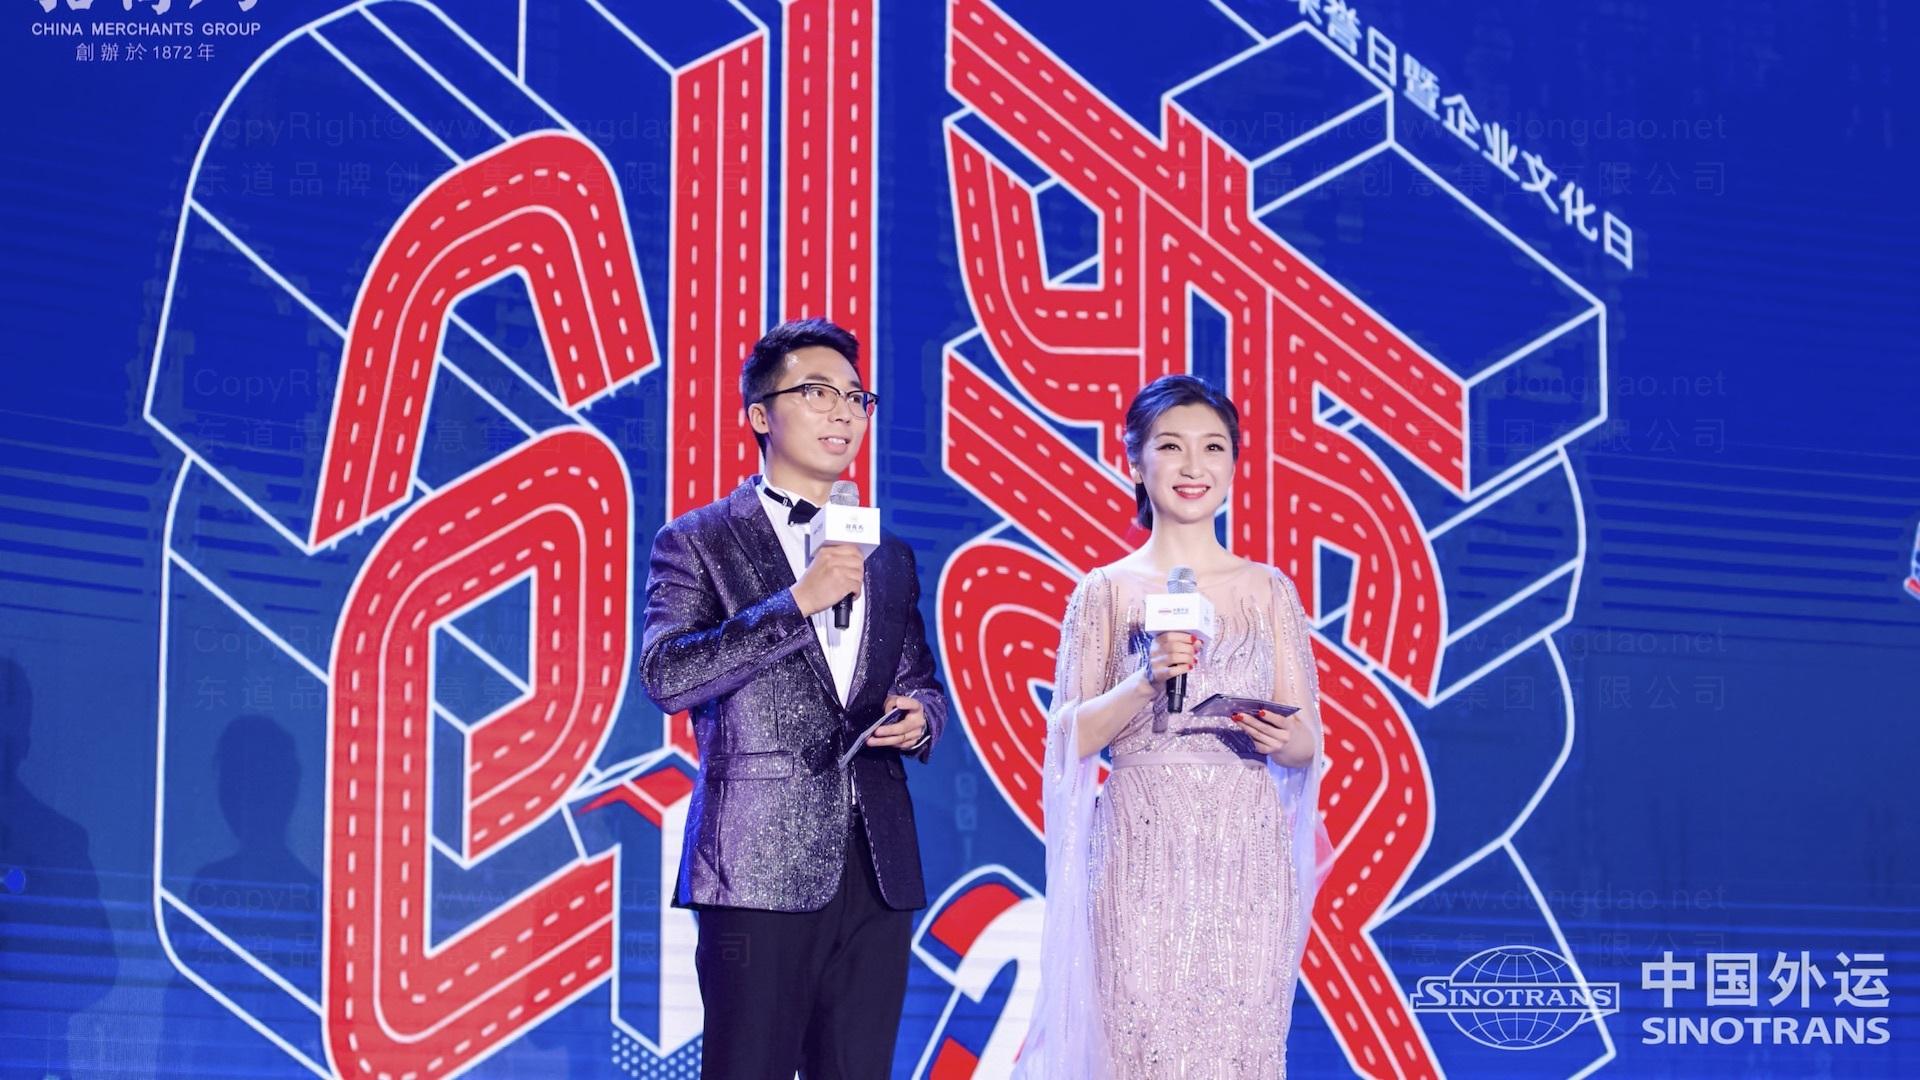 品牌战略&企业文化中国外运企业文化落地项目企业文化手册应用场景_20